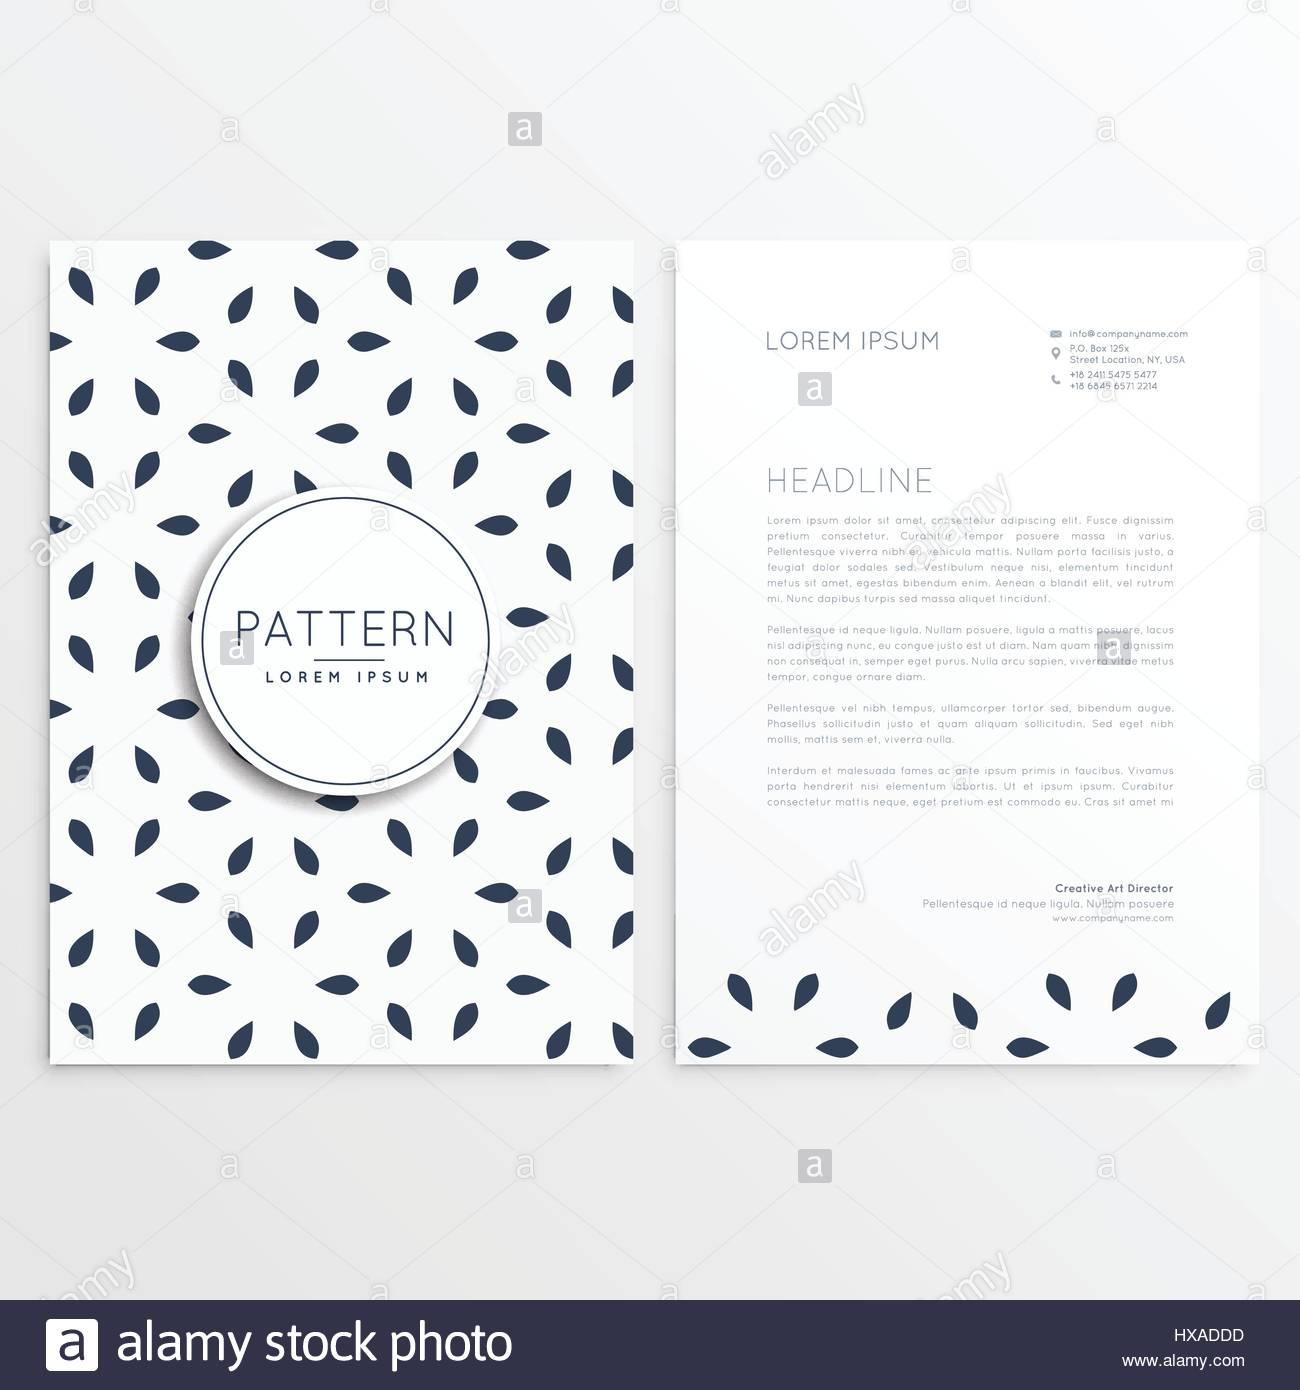 Stilvolle Briefkopf Design Im Minimalistischen Stil Vektor Abbildung